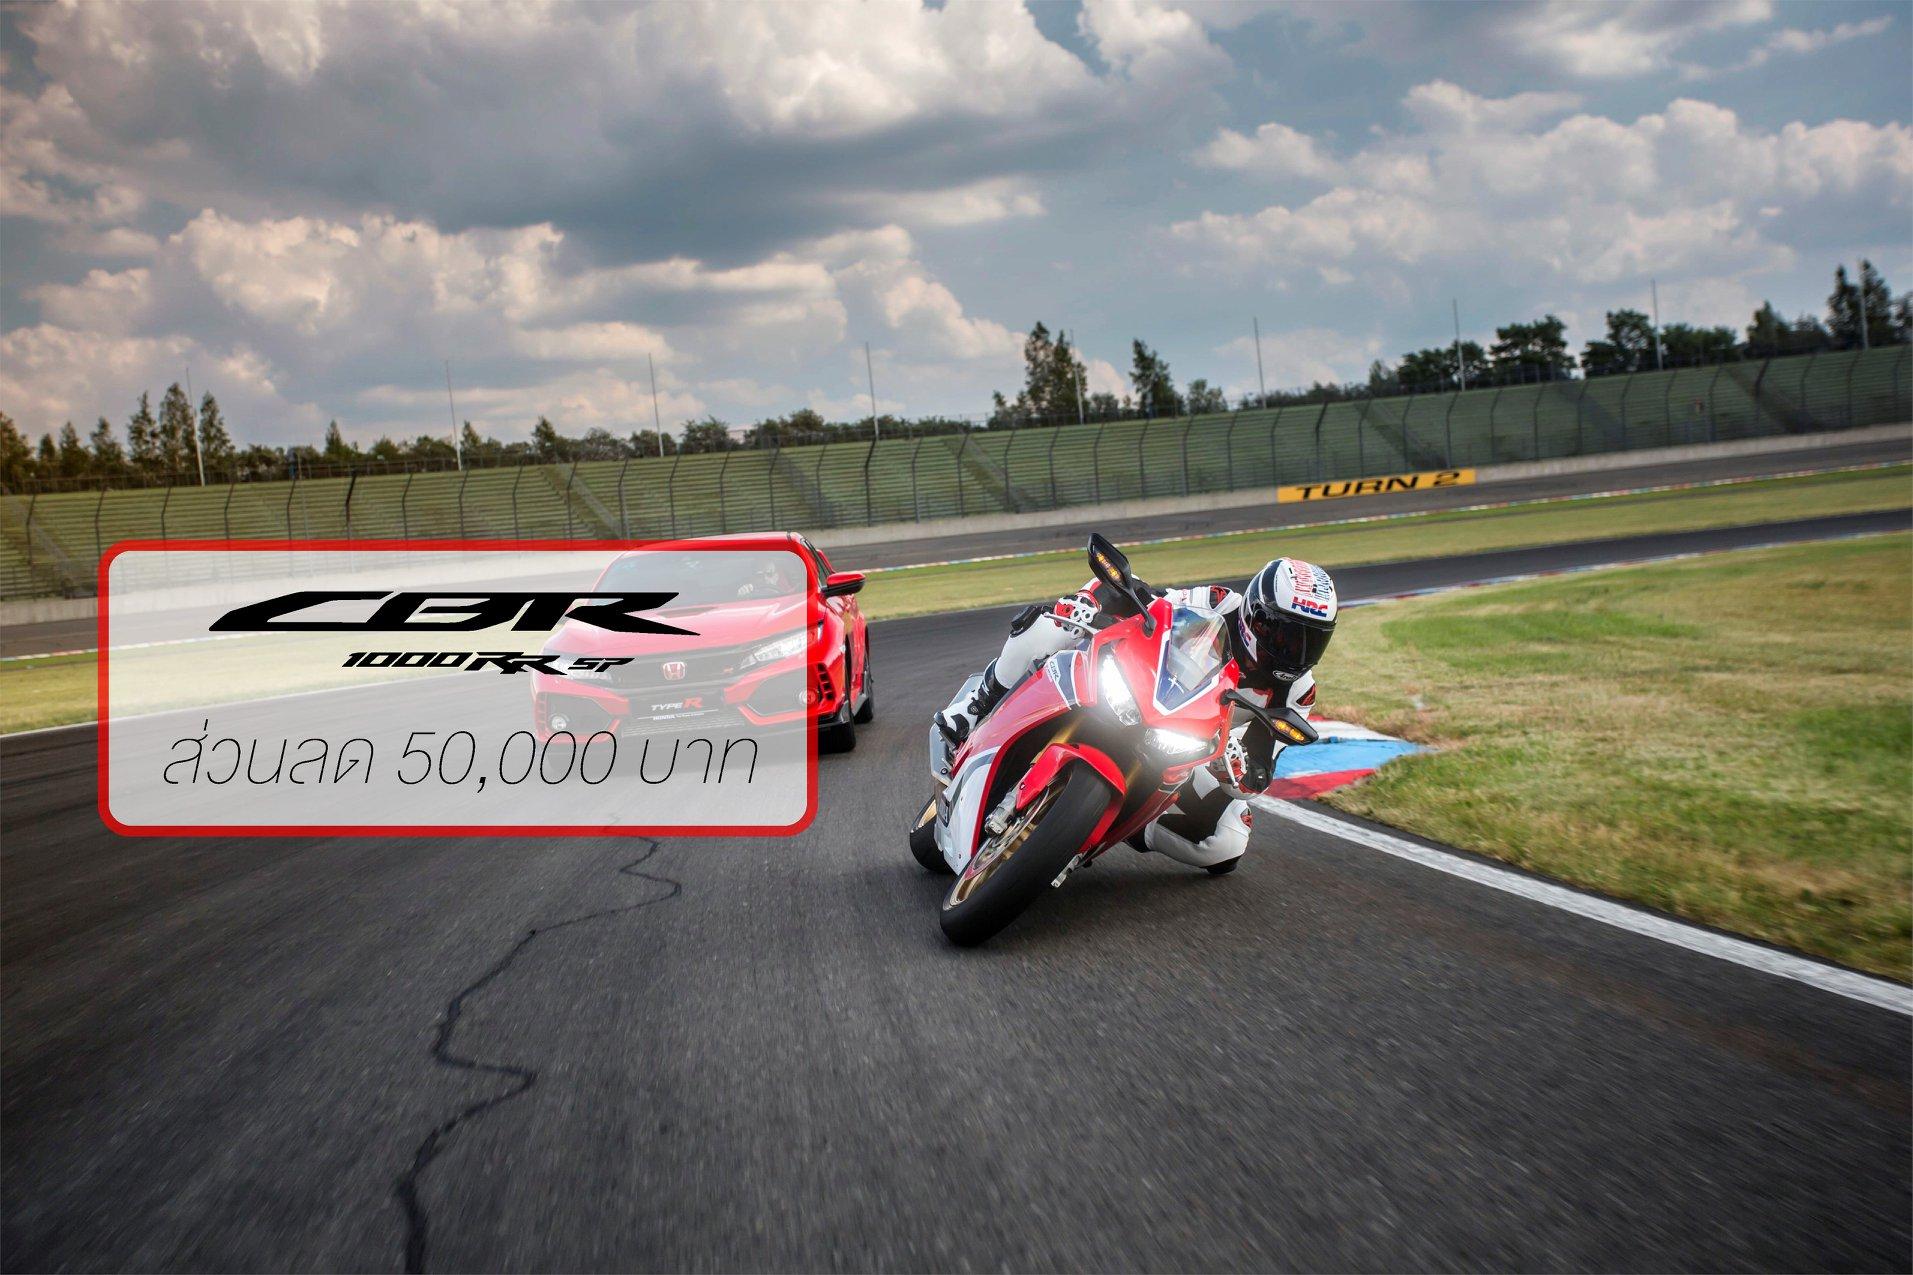 โปรโมชั่น Honda CBR1000RR SP ประจำเดือนมิถุนายน 2563